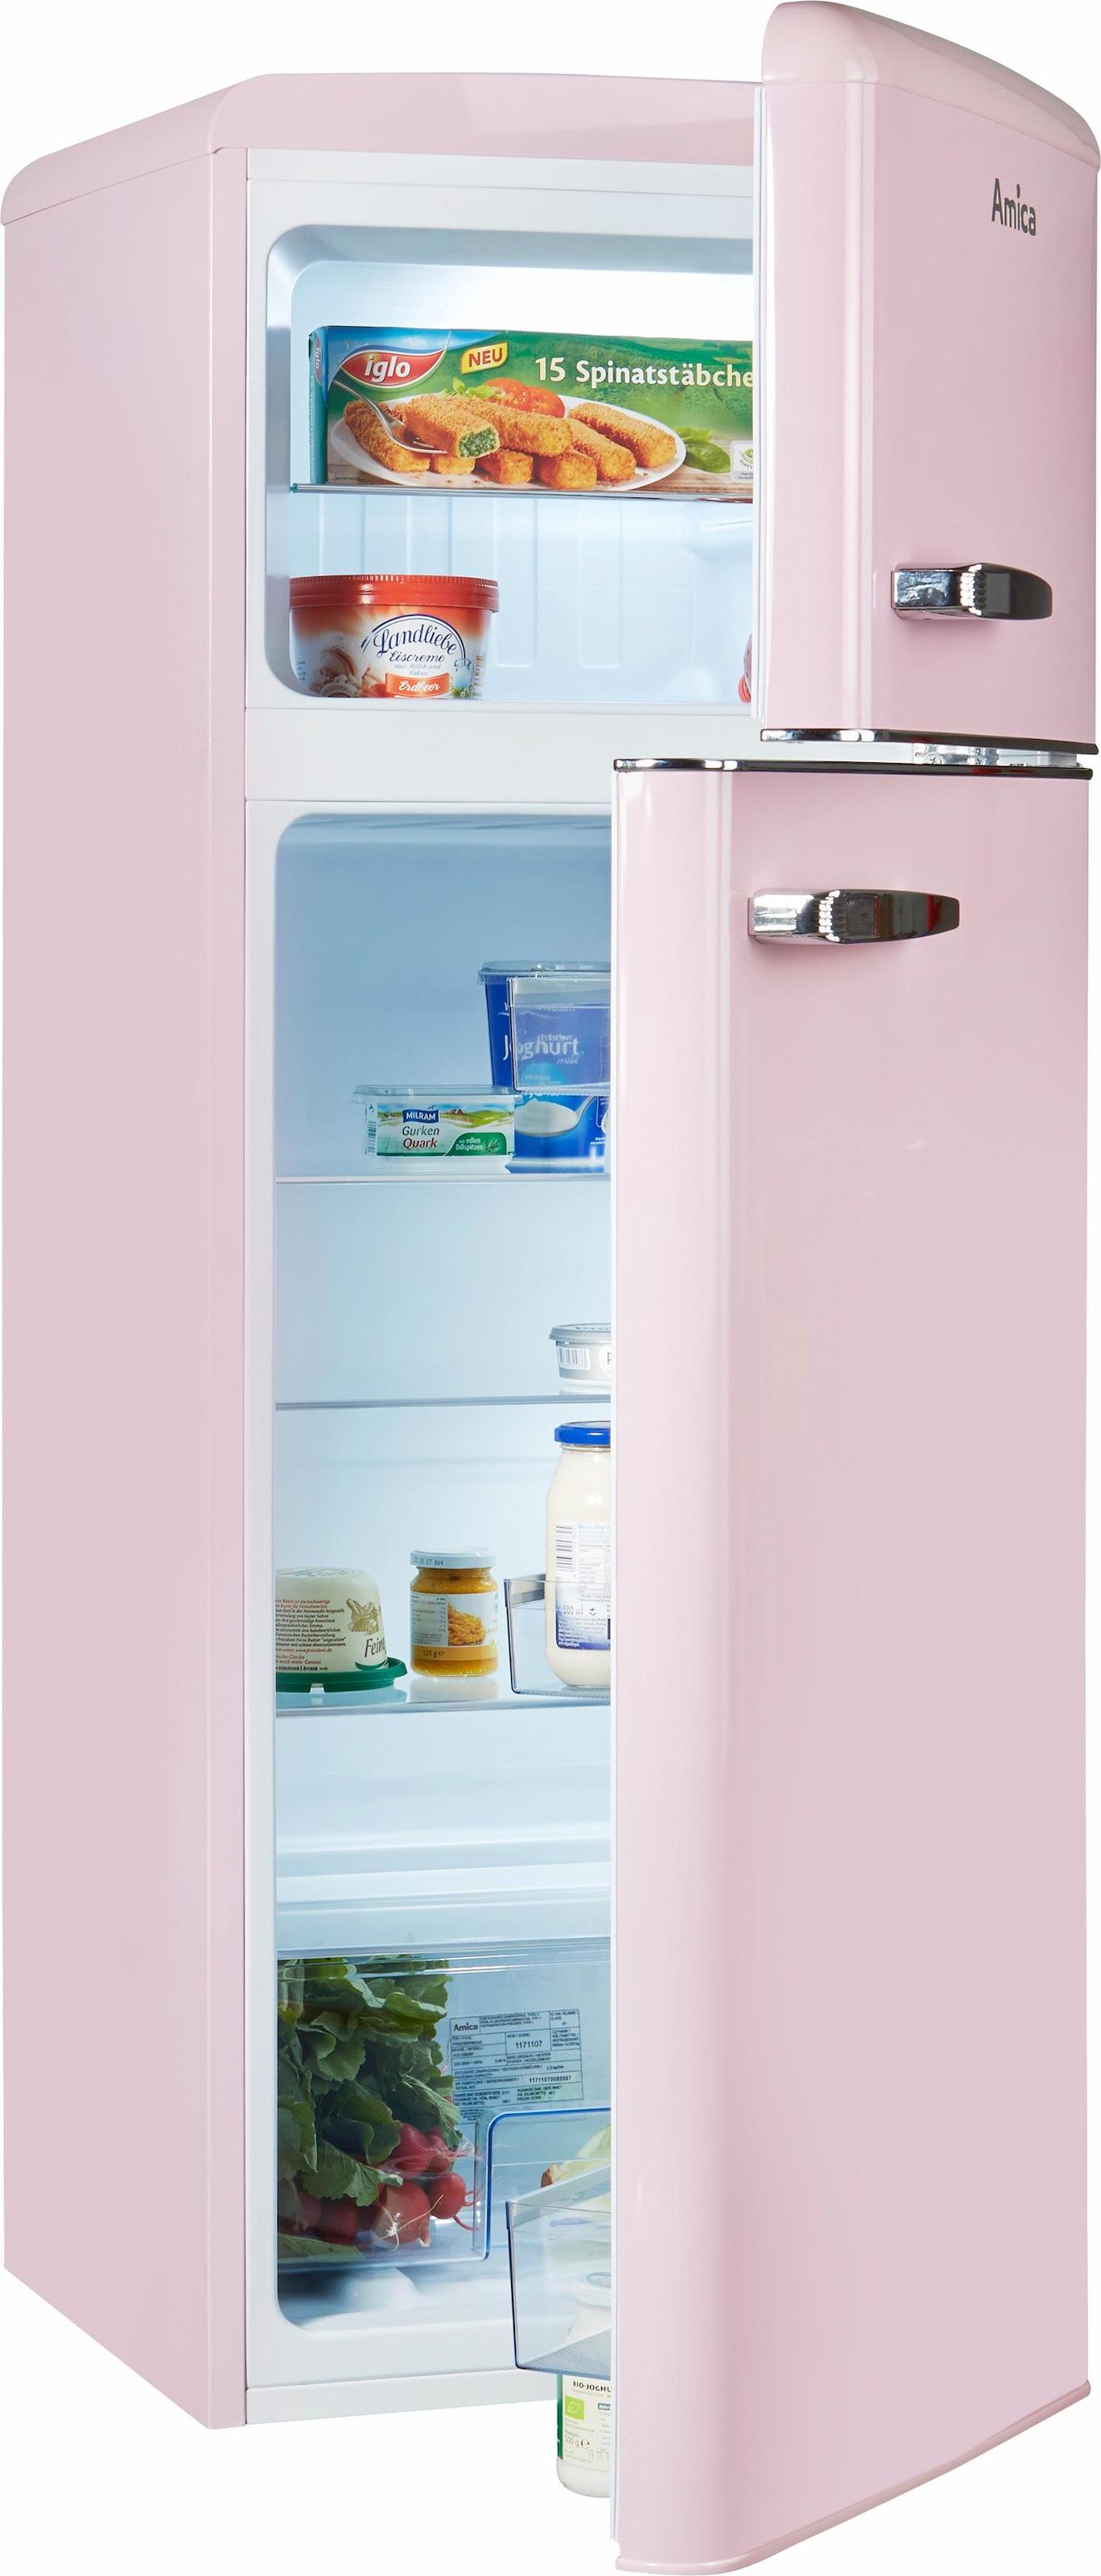 Retro Kühlschrank Amica : Retro kühlschränke auf rechnung raten kaufen baur